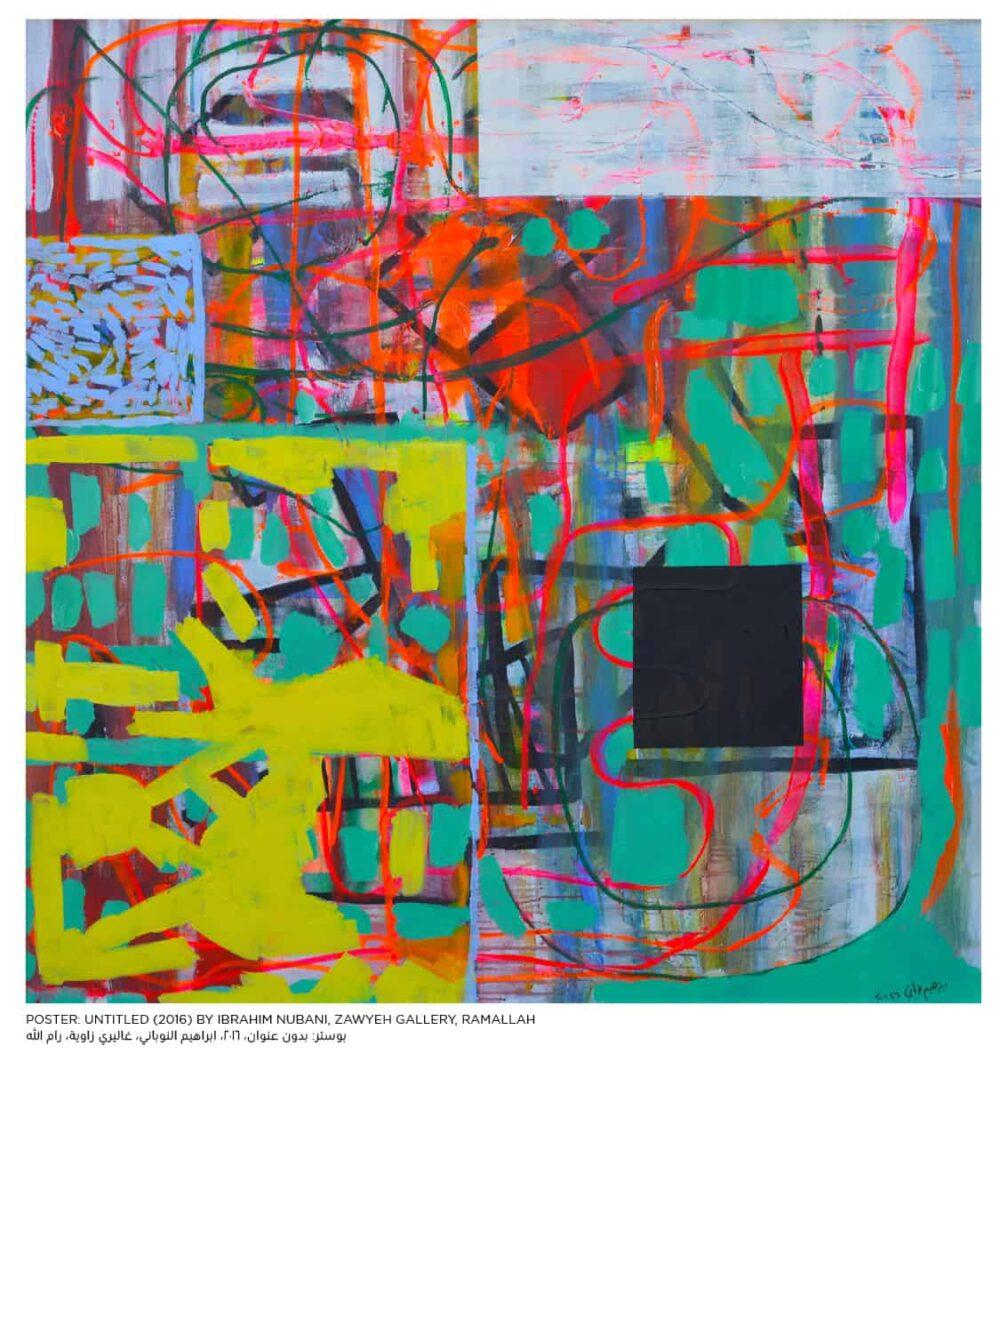 Untitled (2016) #1 by Ibrahim Nubani